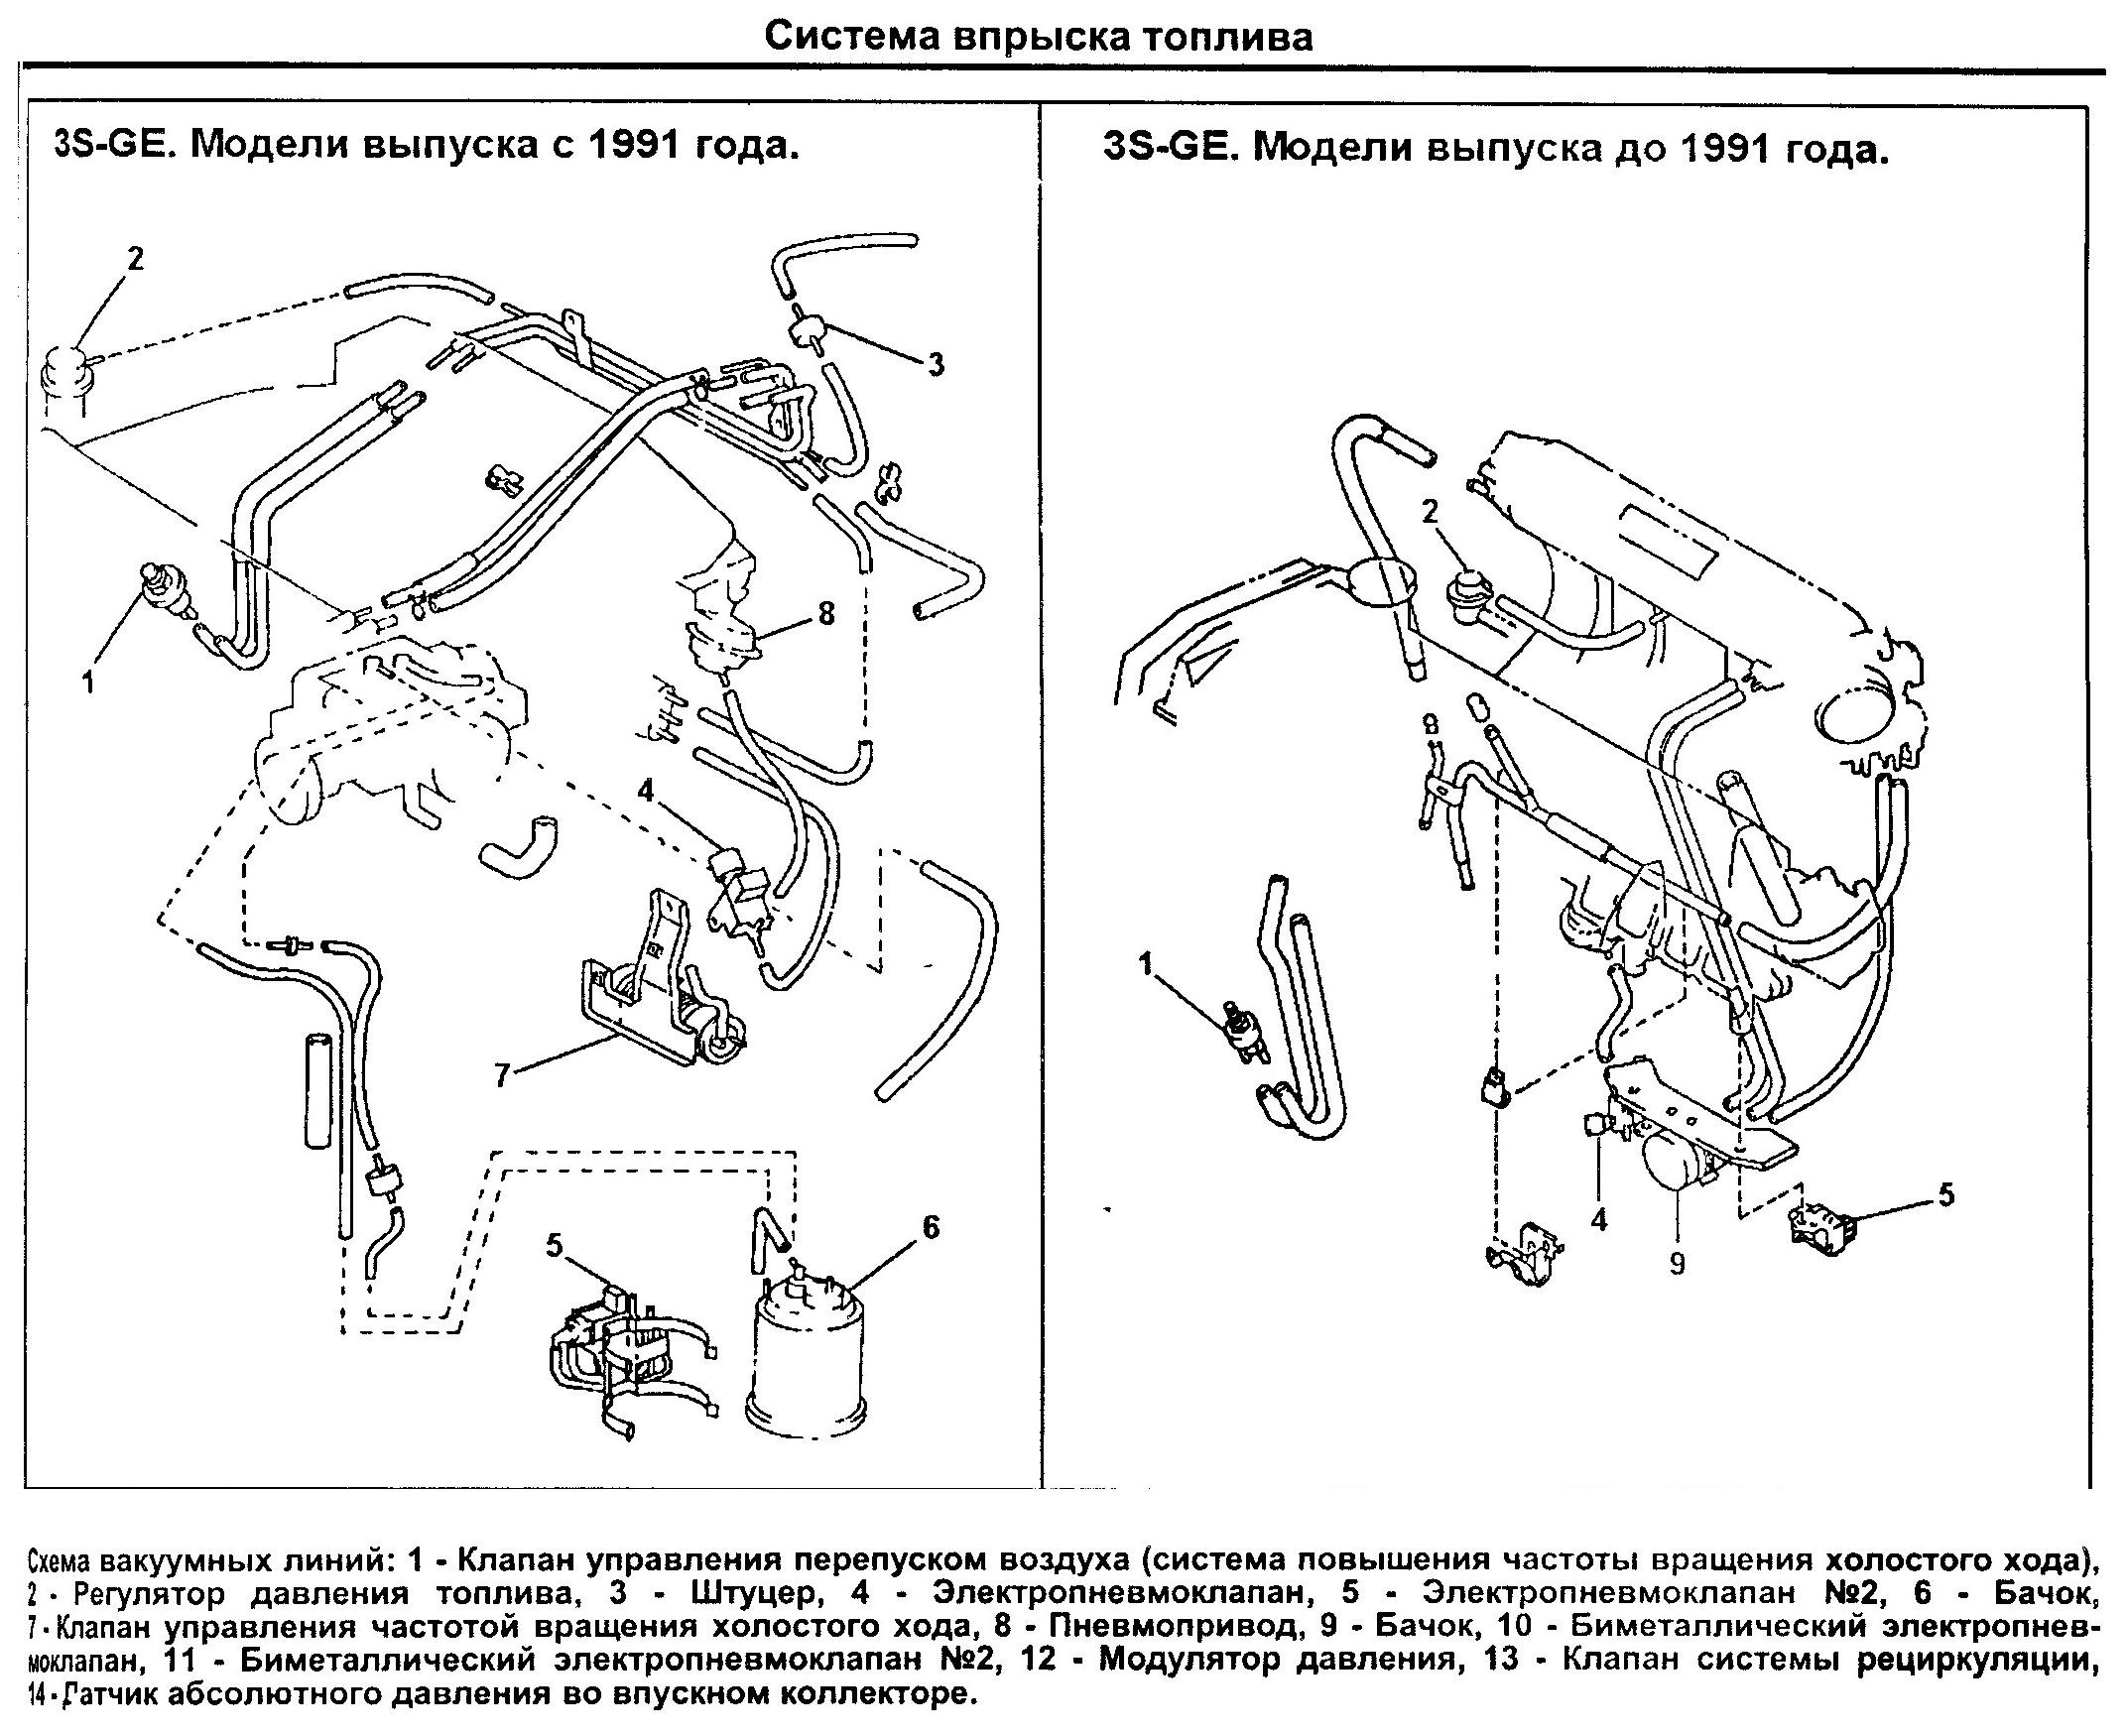 Электрическая схема системы впрыска 3s-fse » Схемы систем: http://deburg.sytes.net/archives/2232